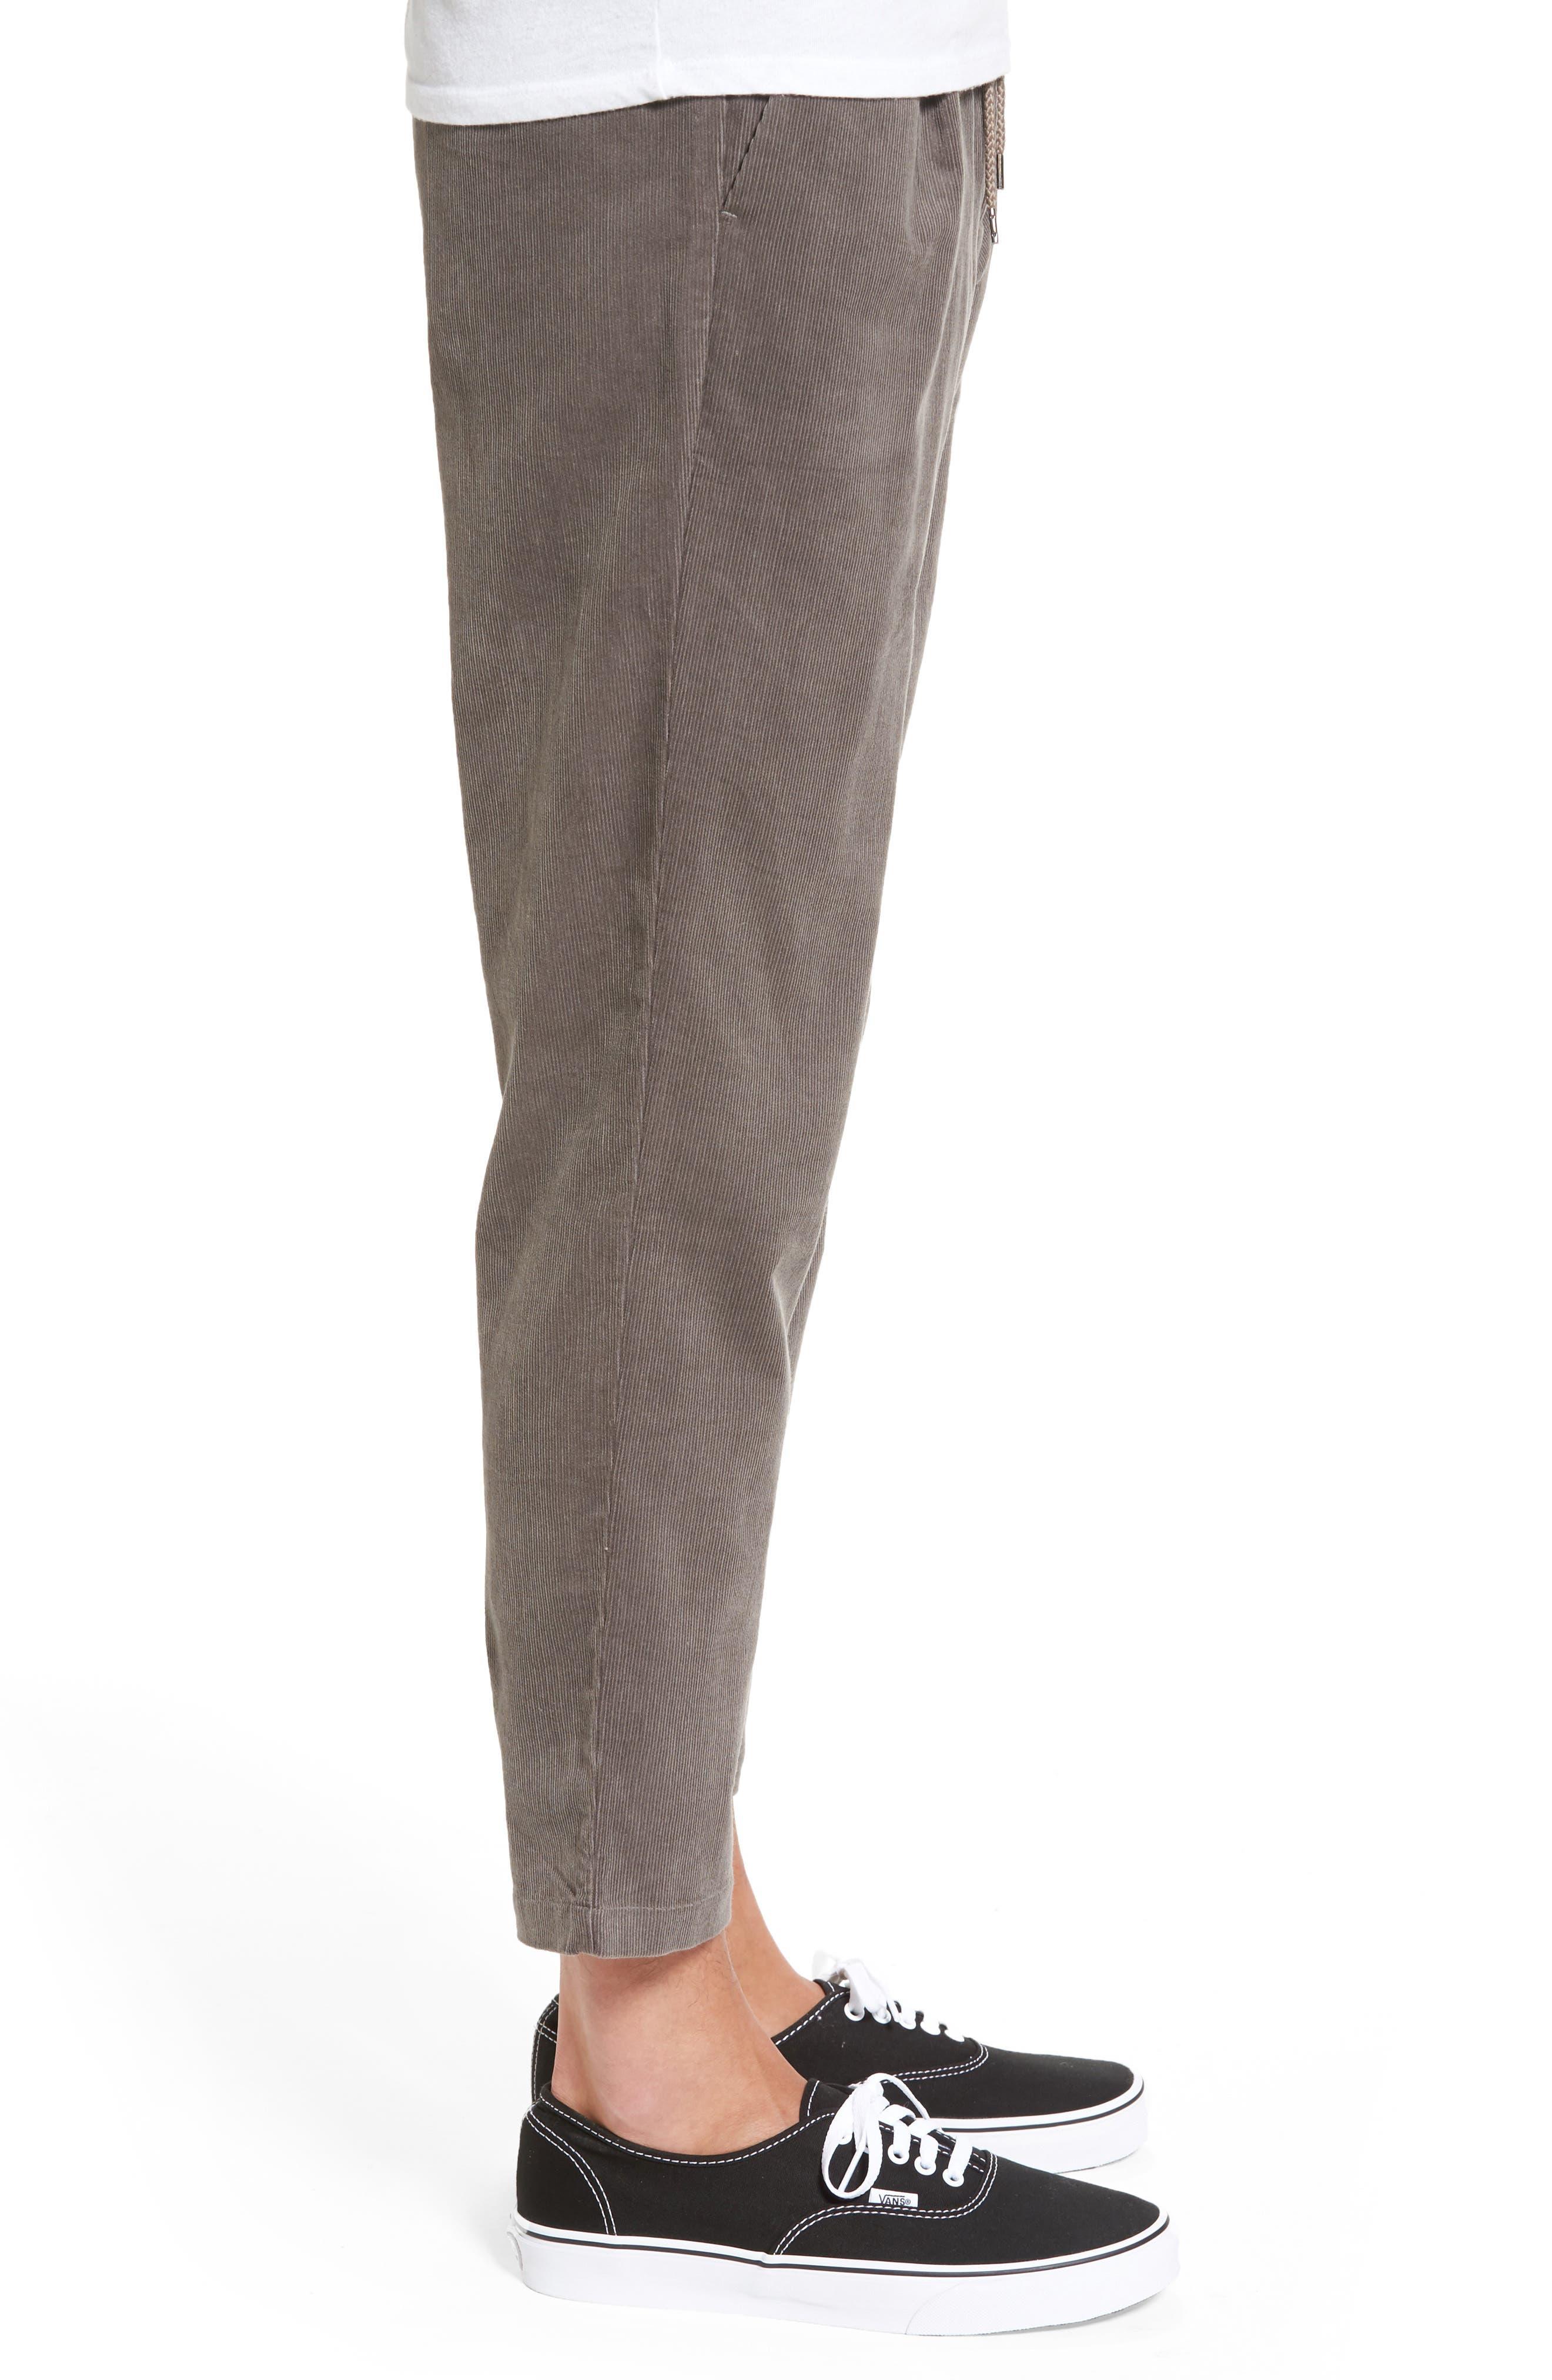 Astbury Crop Corduroy Pants,                             Alternate thumbnail 3, color,                             024